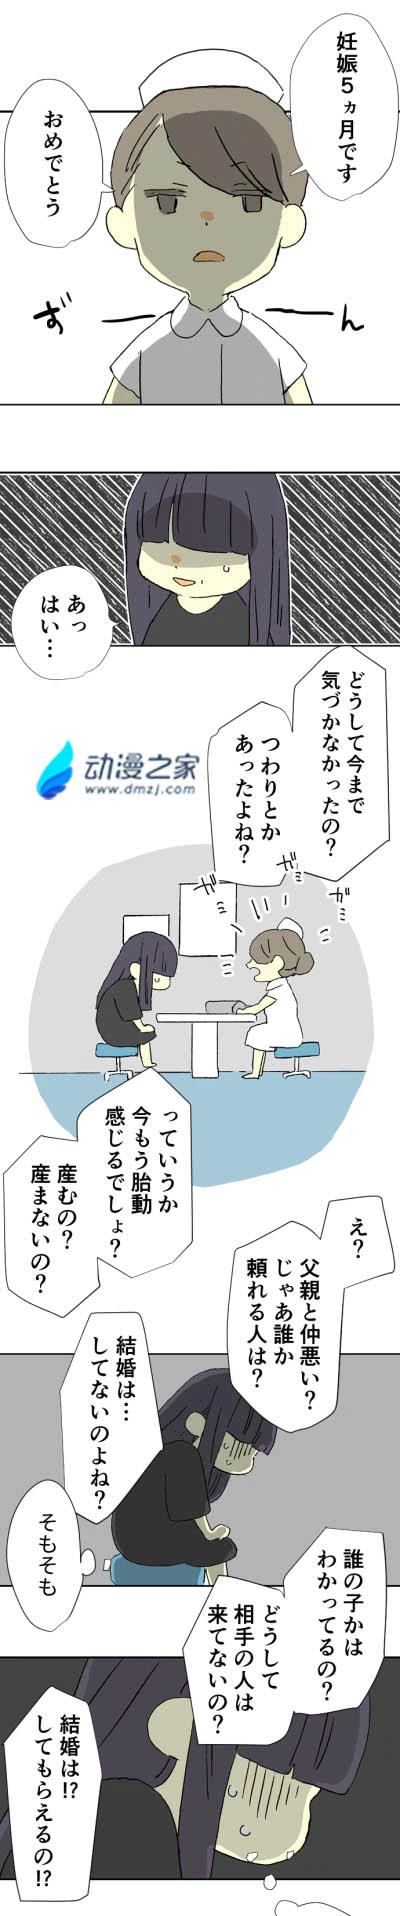 himojo_0007.webp.jpg